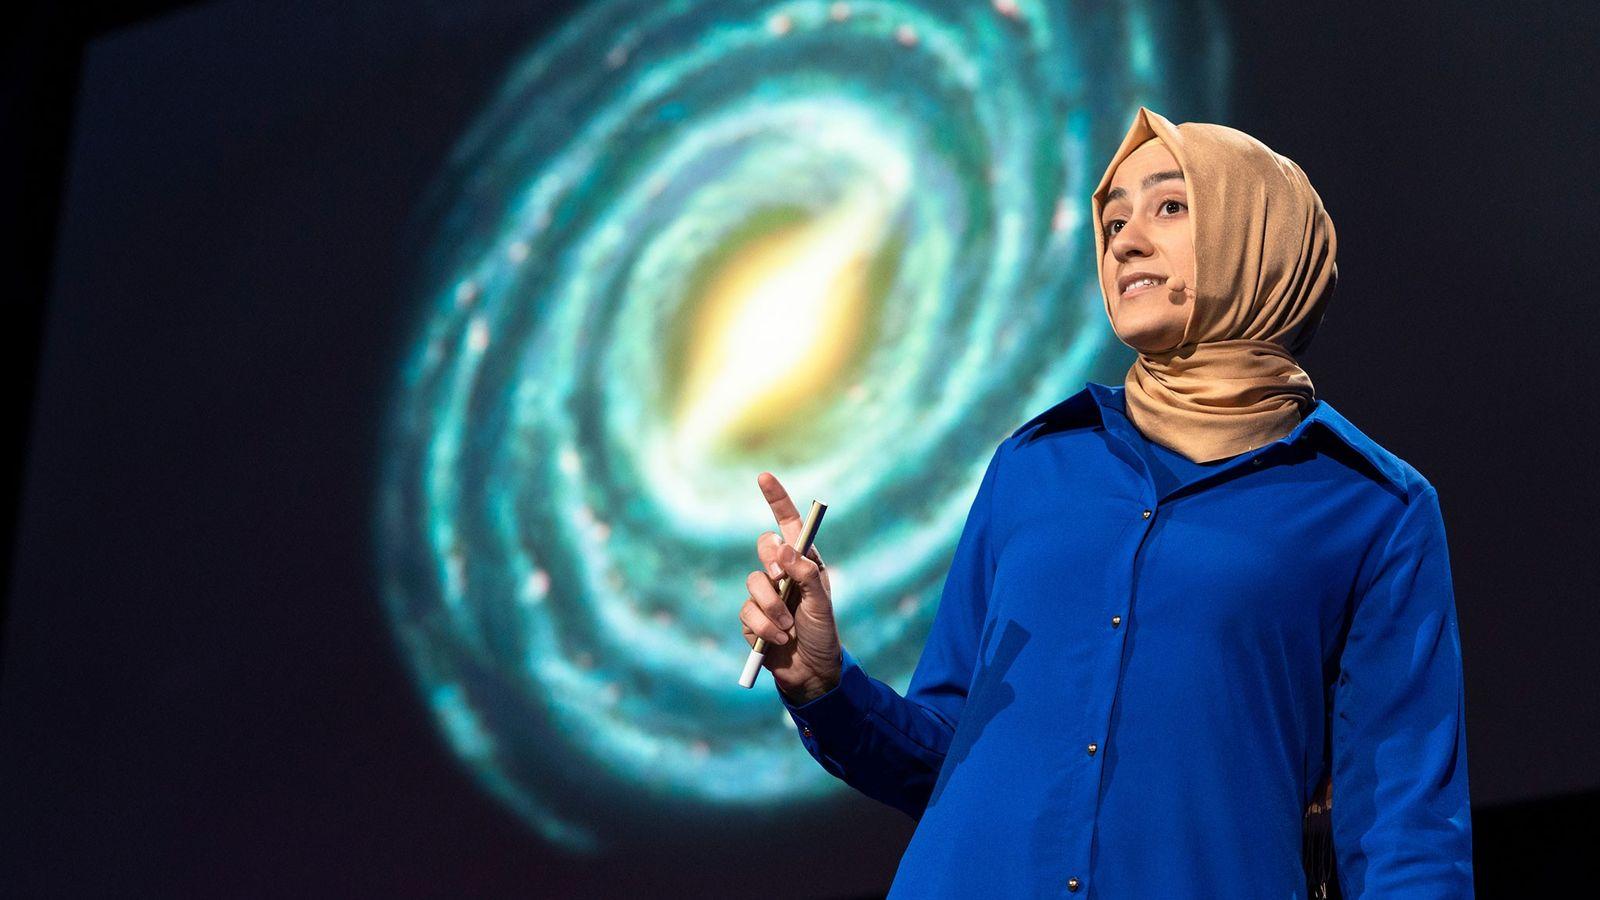 L'astrophysicienne Burçin Mutlu-Pakdil lors de sa conférence au TED2018, qui s'est tenu à Vancouver, Canada.